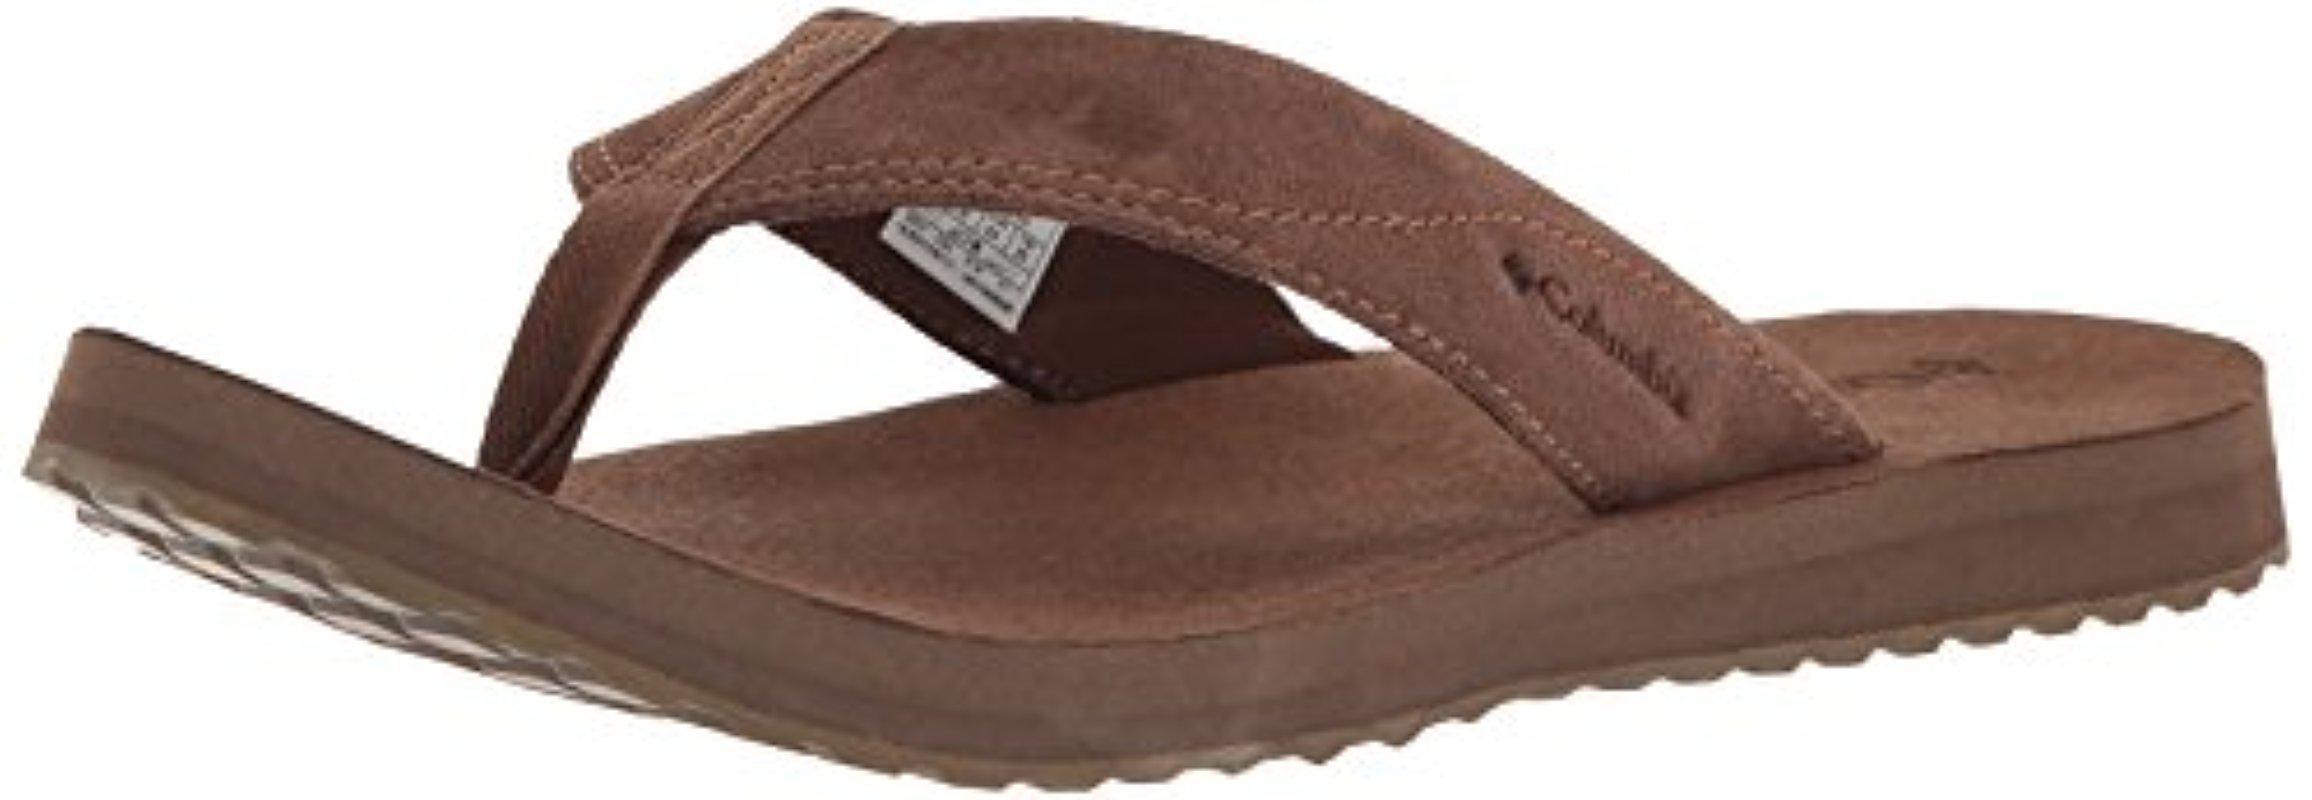 Men's Sorrento Leather Flip Sport Sandal